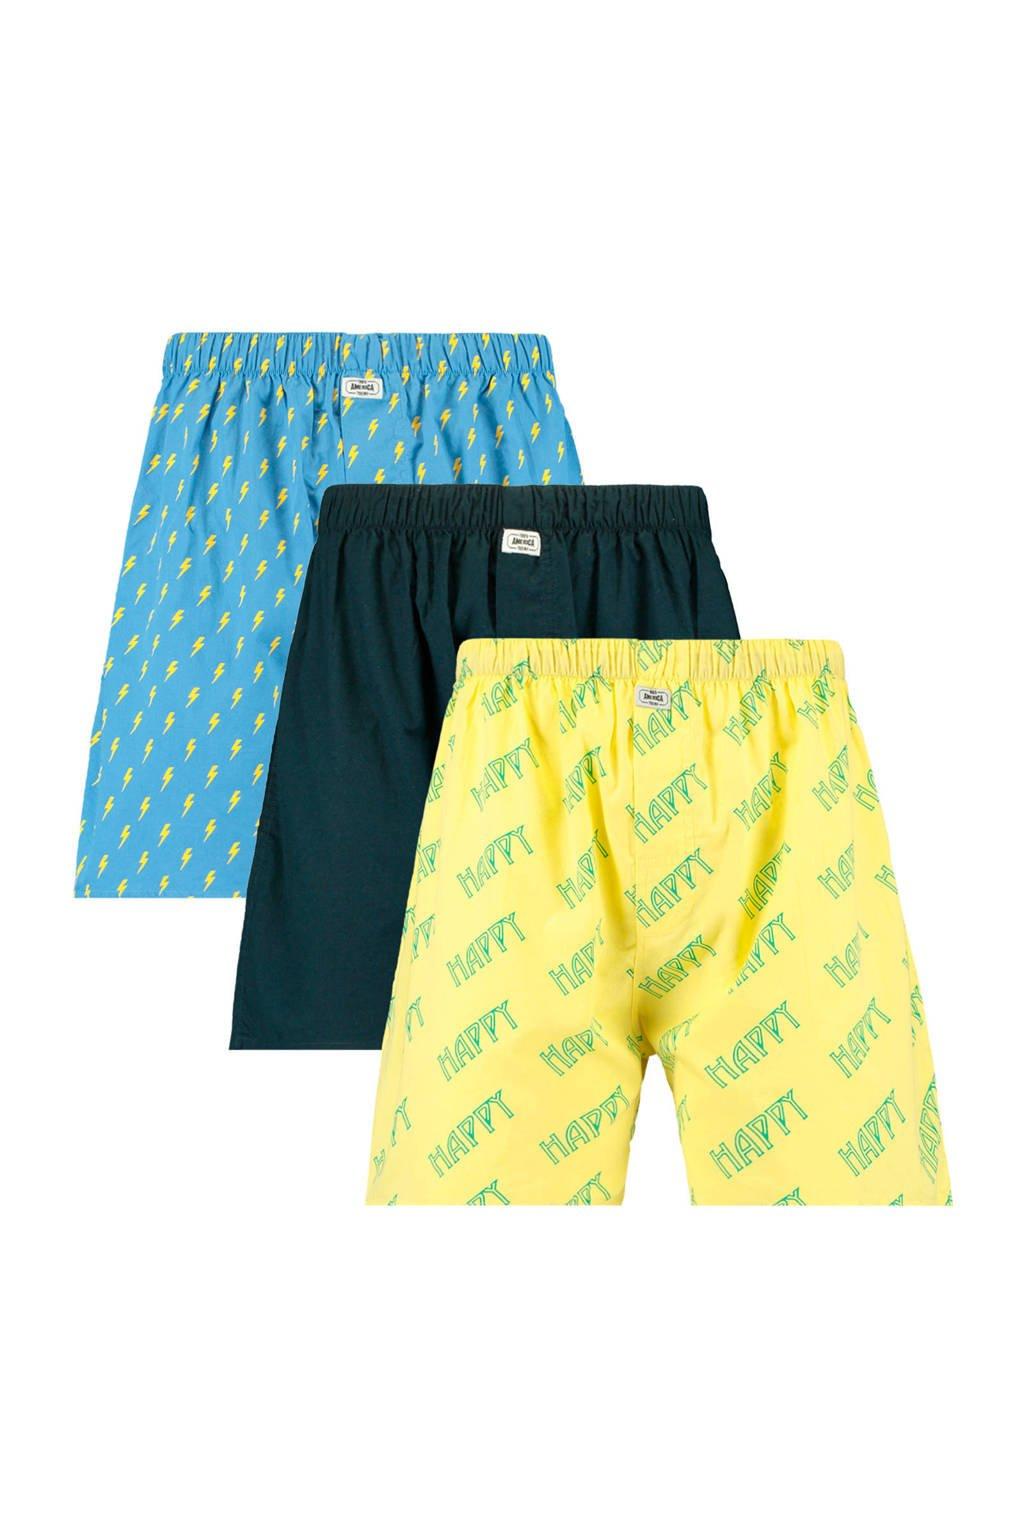 America Today boxershort (set van 3), Blauw/zwart/geel